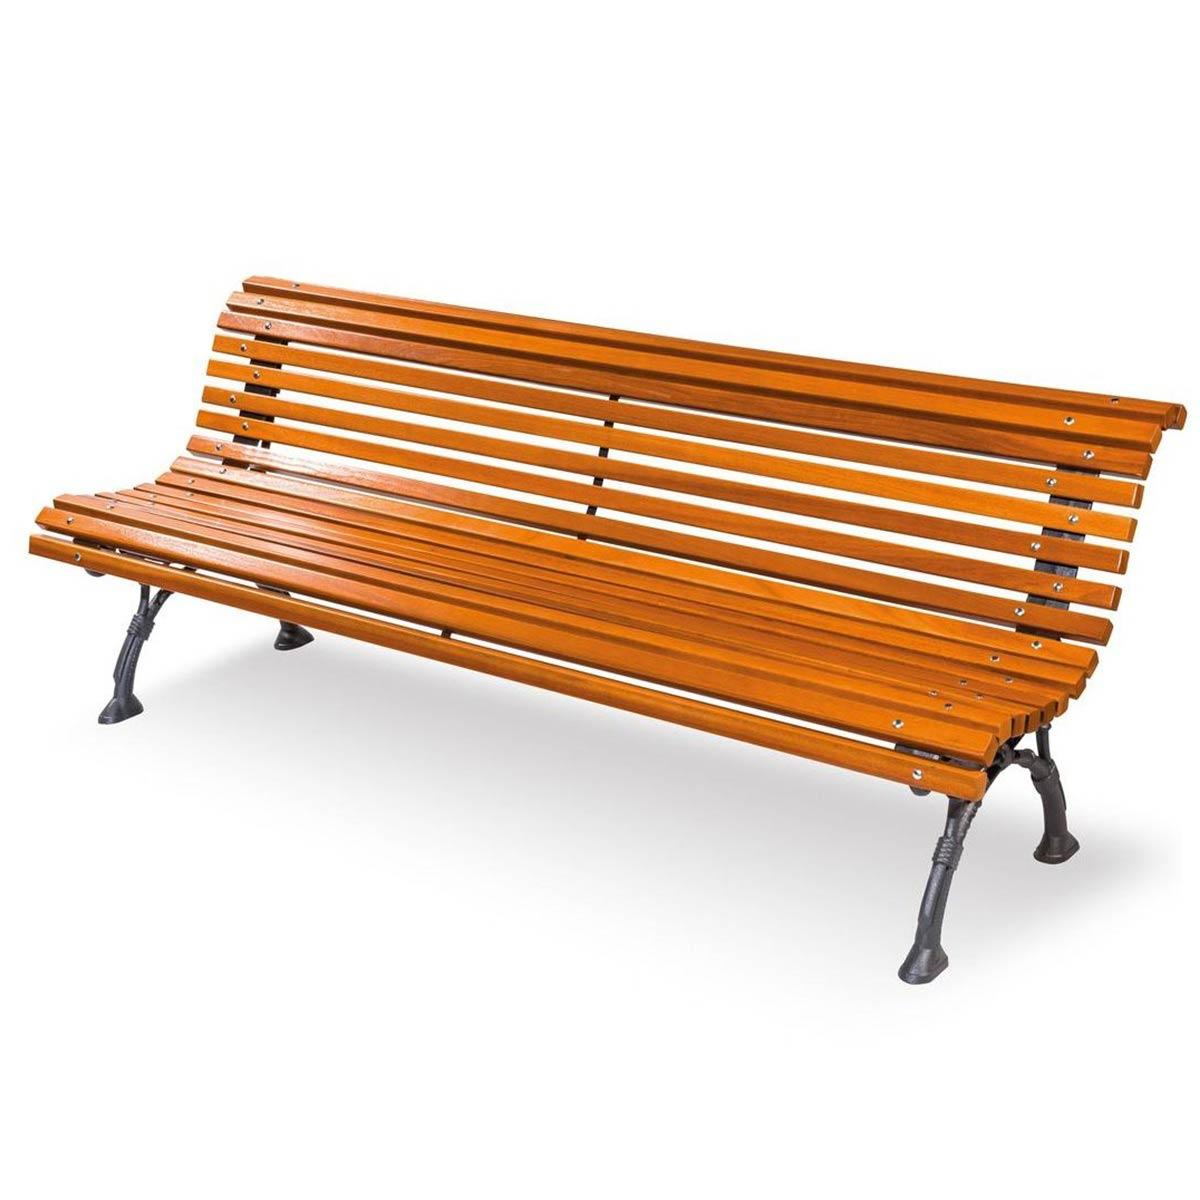 Panchina Napoli con listoni in legno esotico color noce fornita montata